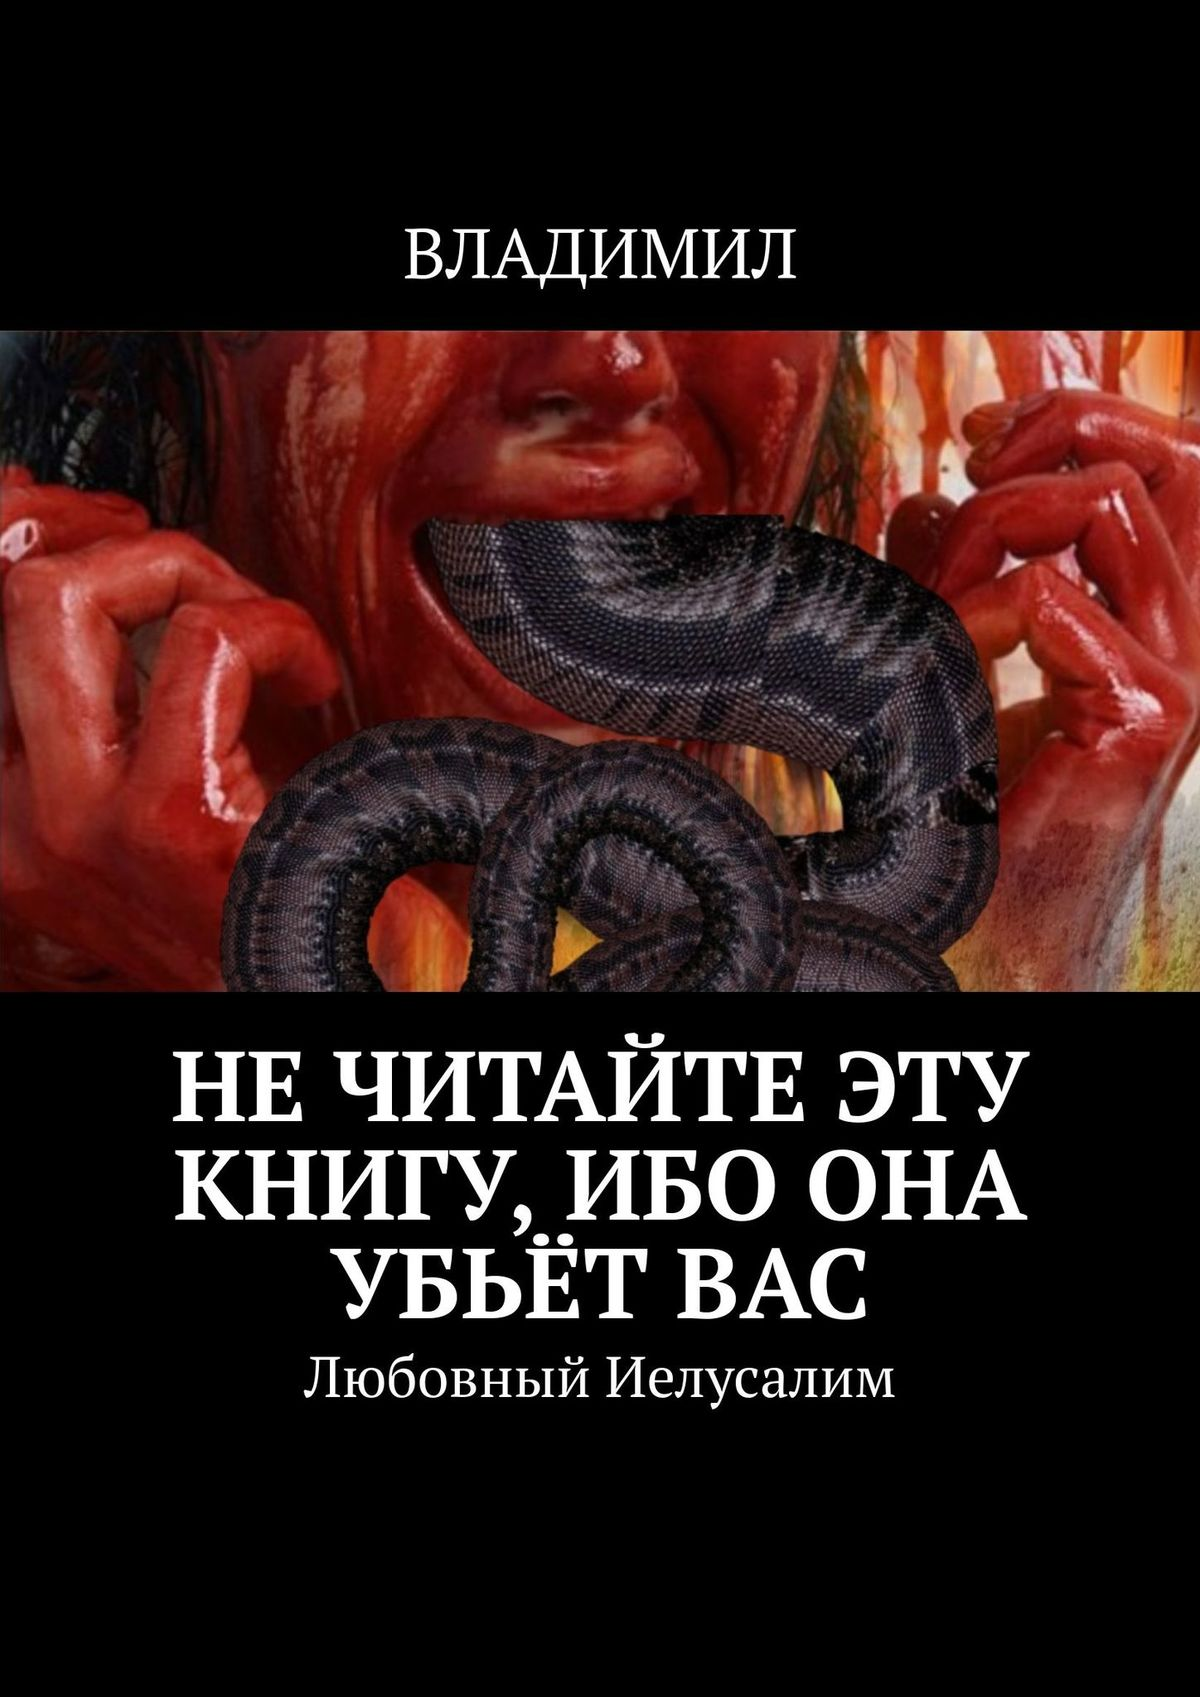 ВЛАДИМИЛ Нечитайте эту книгу, ибо она убьётвас. Любовный Иелусалим